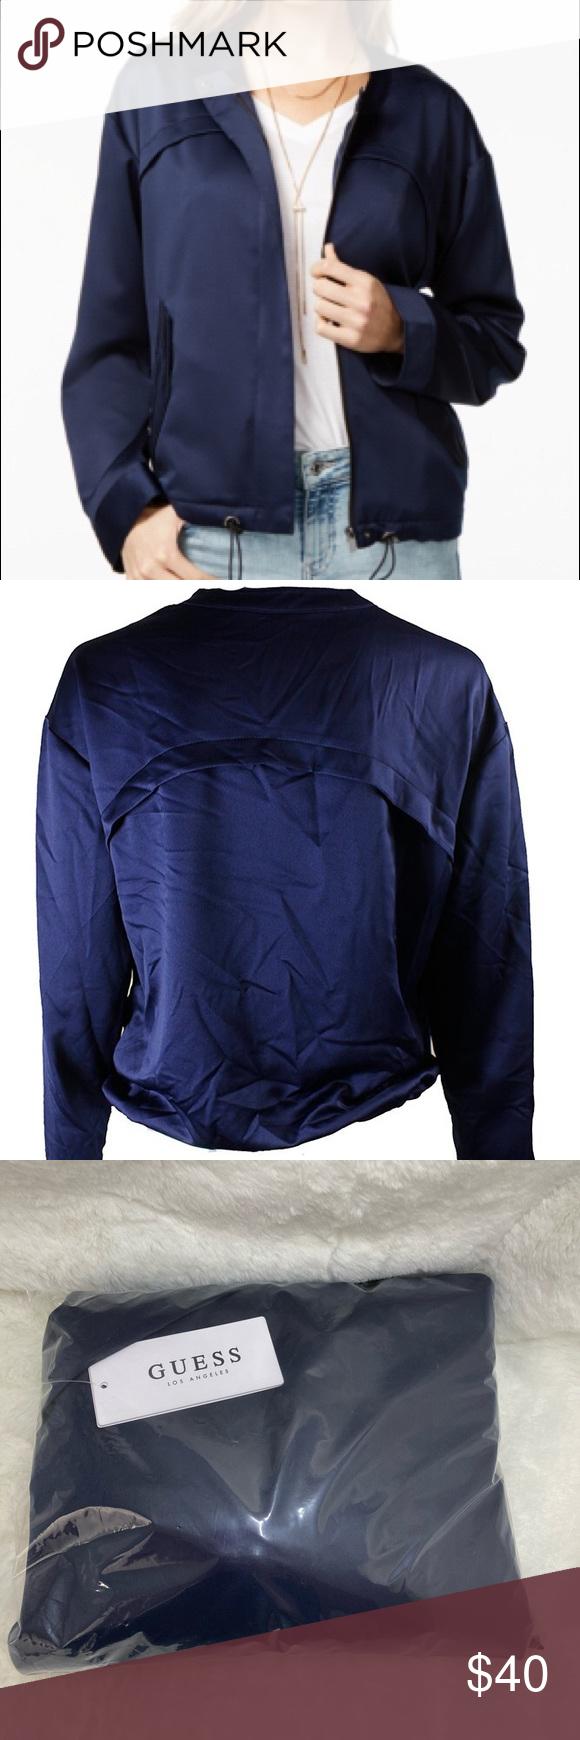 Guess Navy Crew Neck Zip Jacket Xs Jacket Brands Clothes Design Zip Jackets [ 1740 x 580 Pixel ]